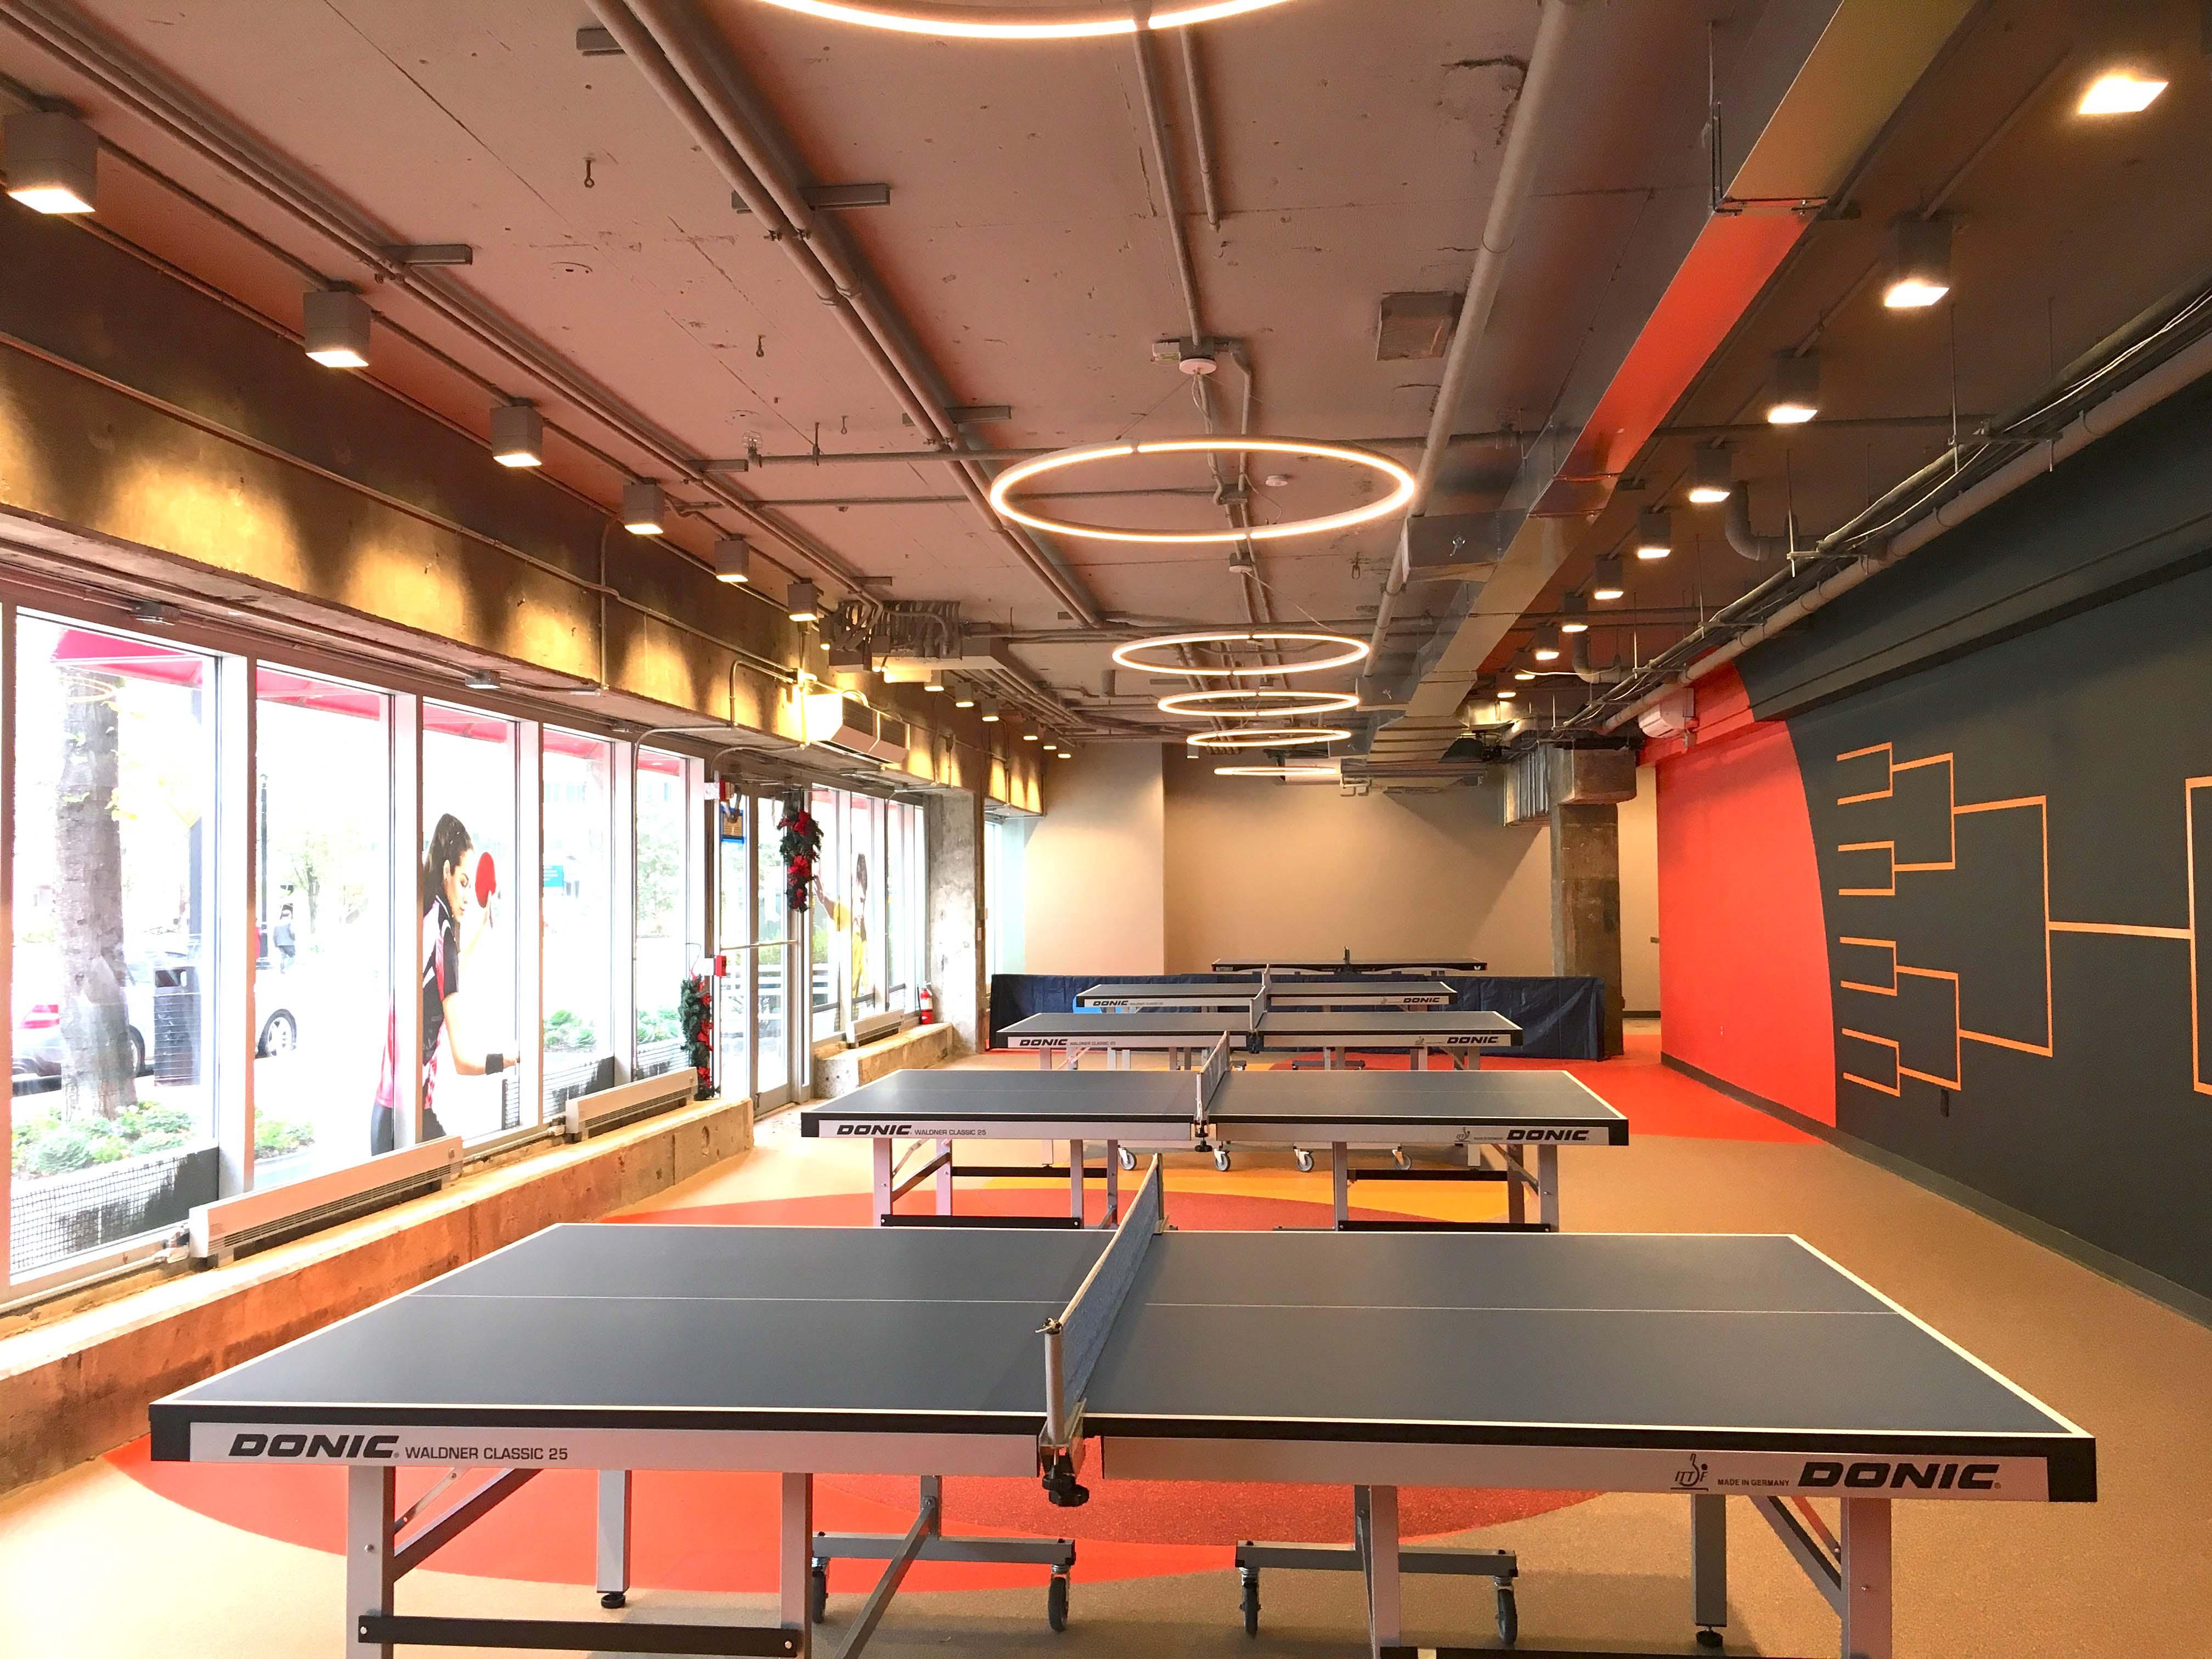 乒乓球馆装修设计效果图